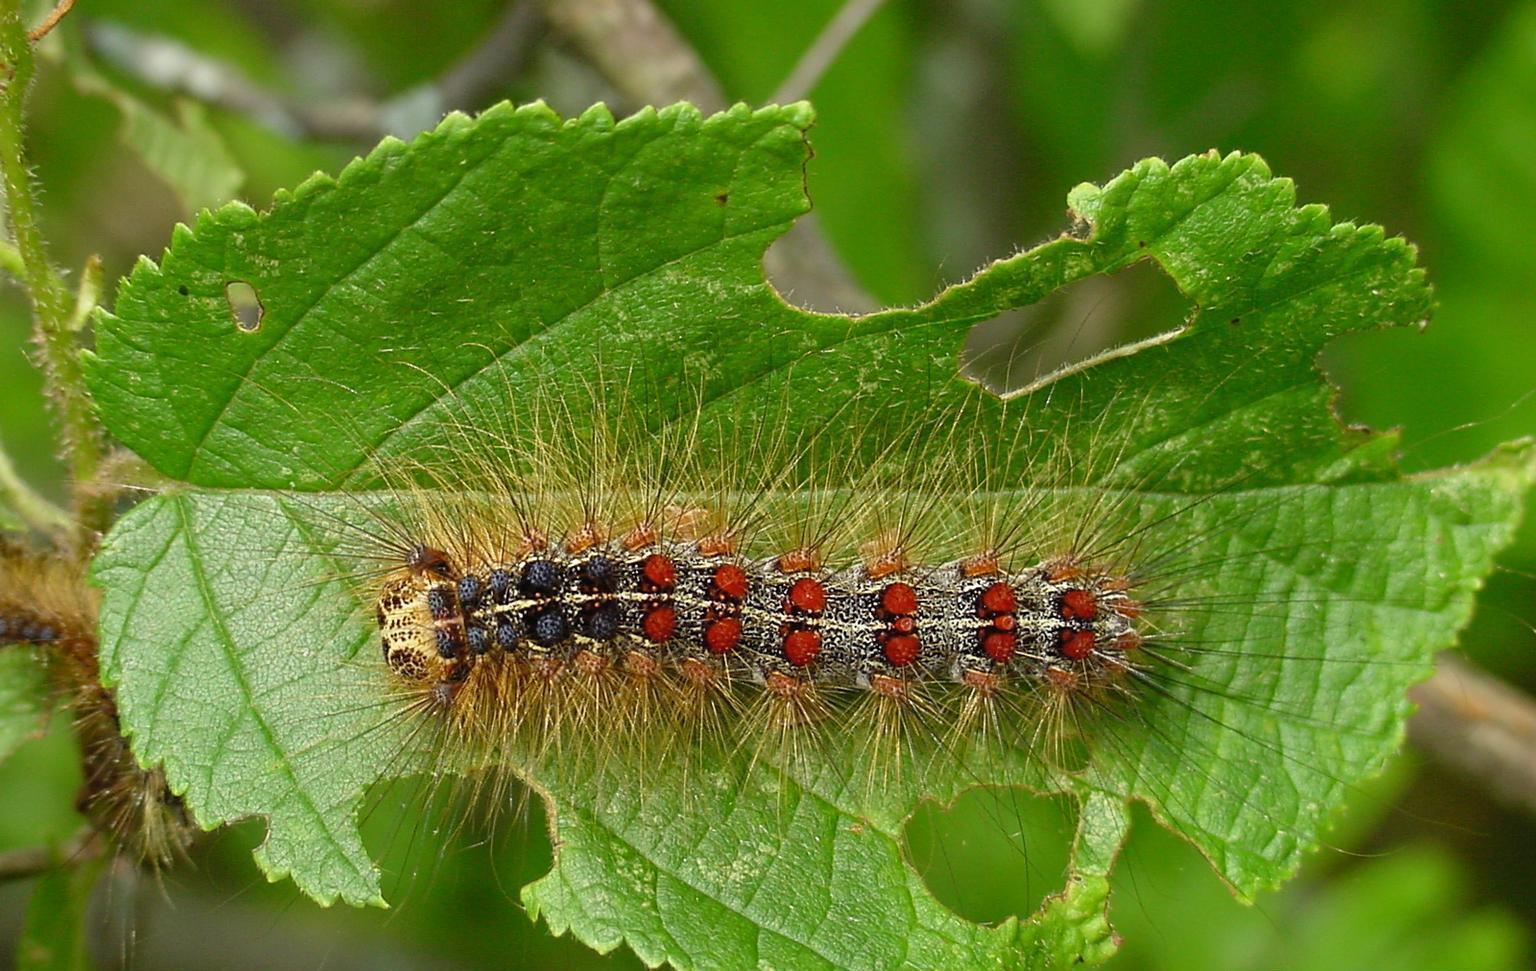 gypsy moth caterpillar on green leaf